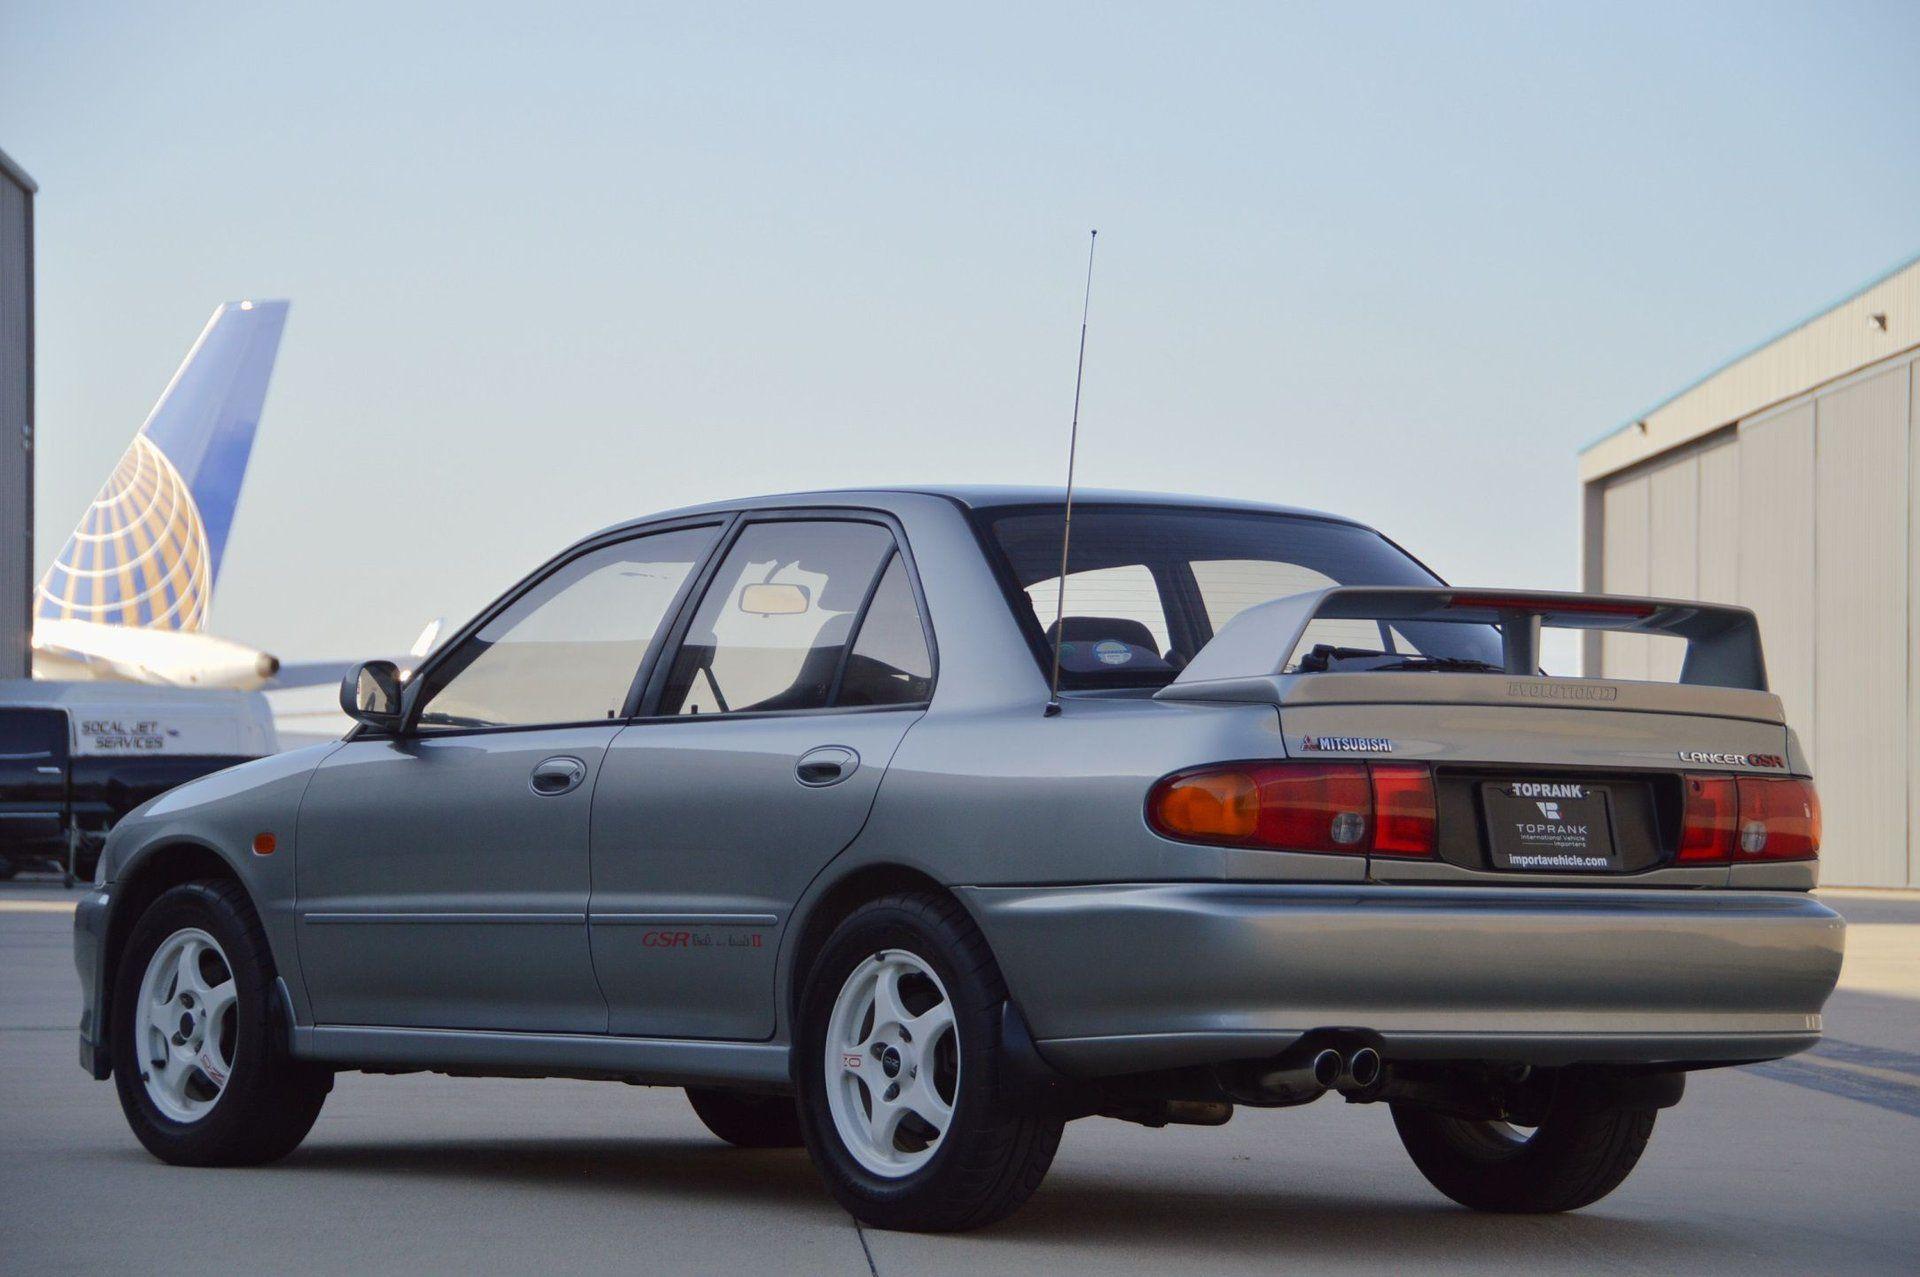 28783-1 H/&R Sport Federn für Hyundai Tieferlegung Tuning lowering springs HR Sat